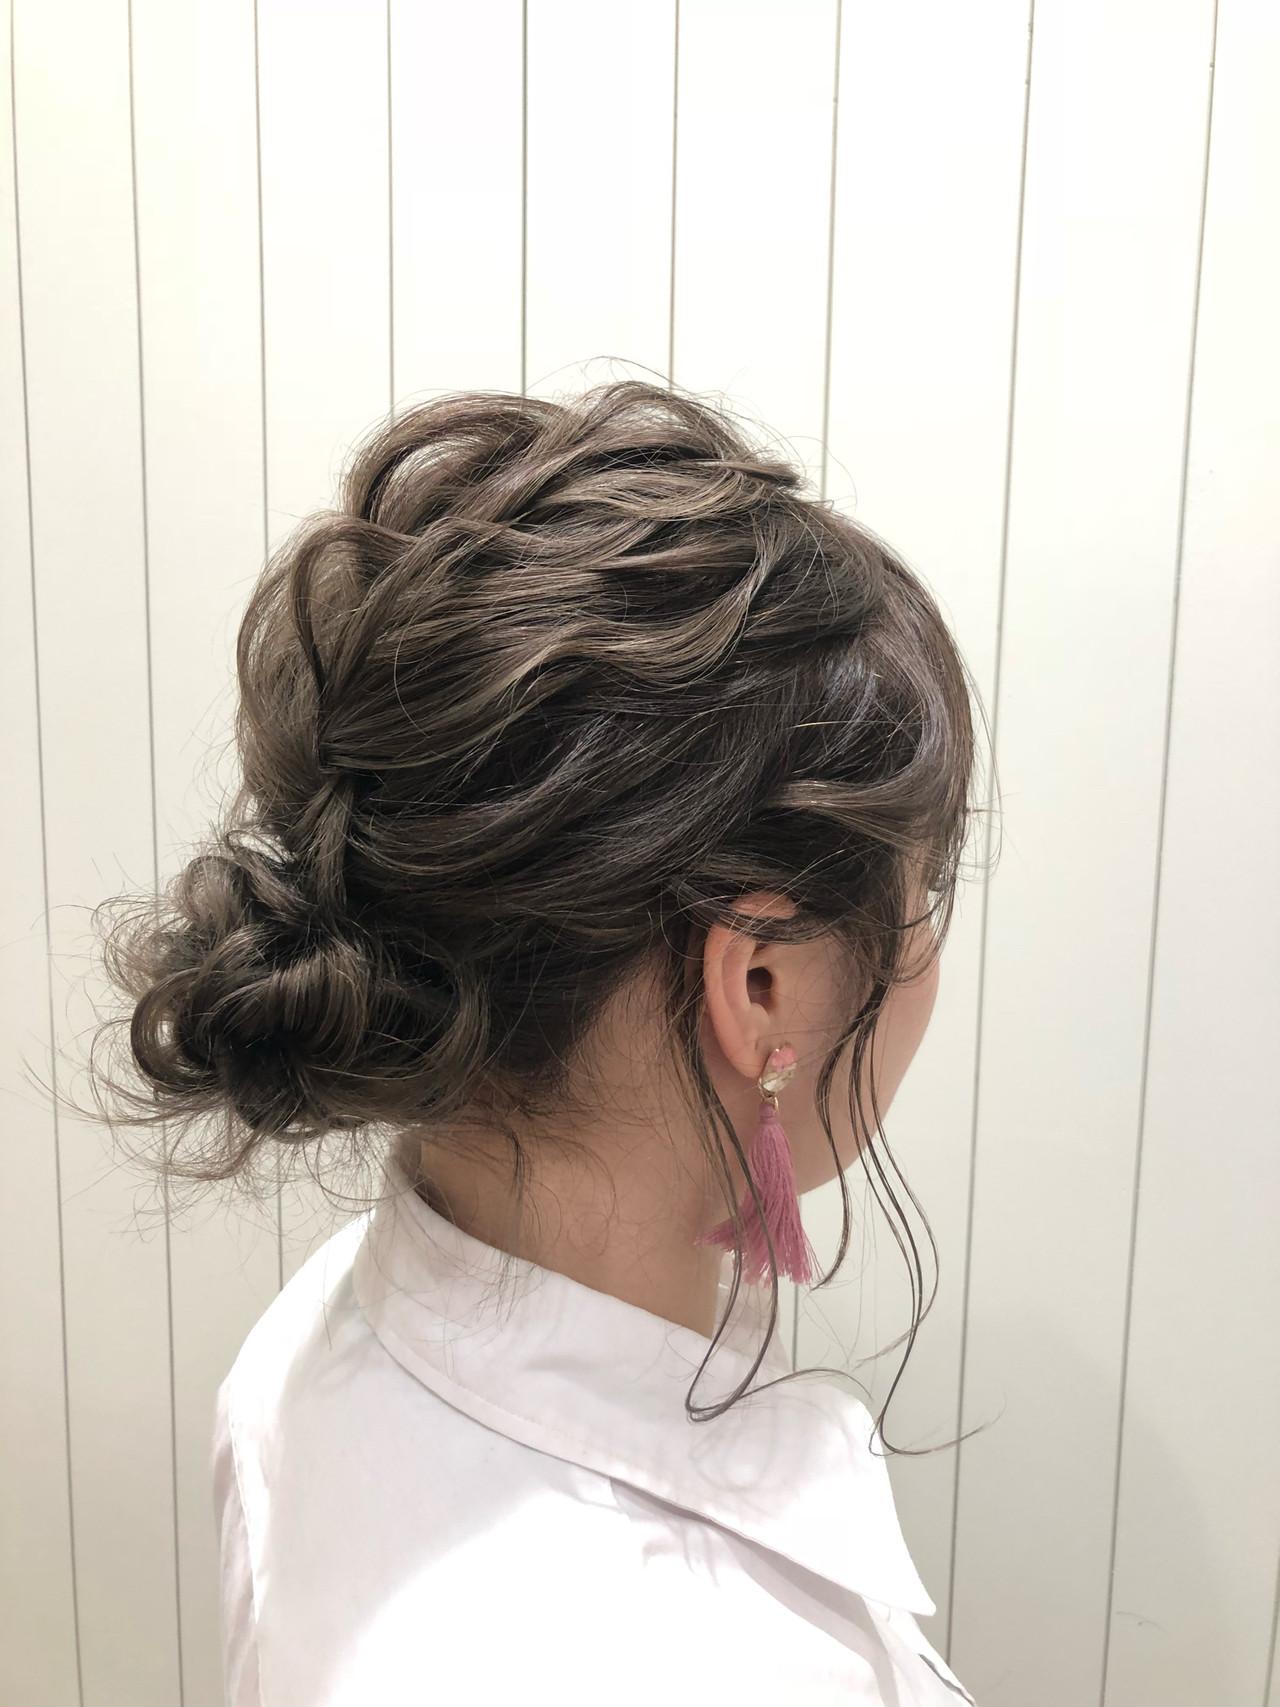 セミロング 簡単ヘアアレンジ 結婚式 デート ヘアスタイルや髪型の写真・画像 | 久保 奏実 / モリオフロムロンドン大宮店